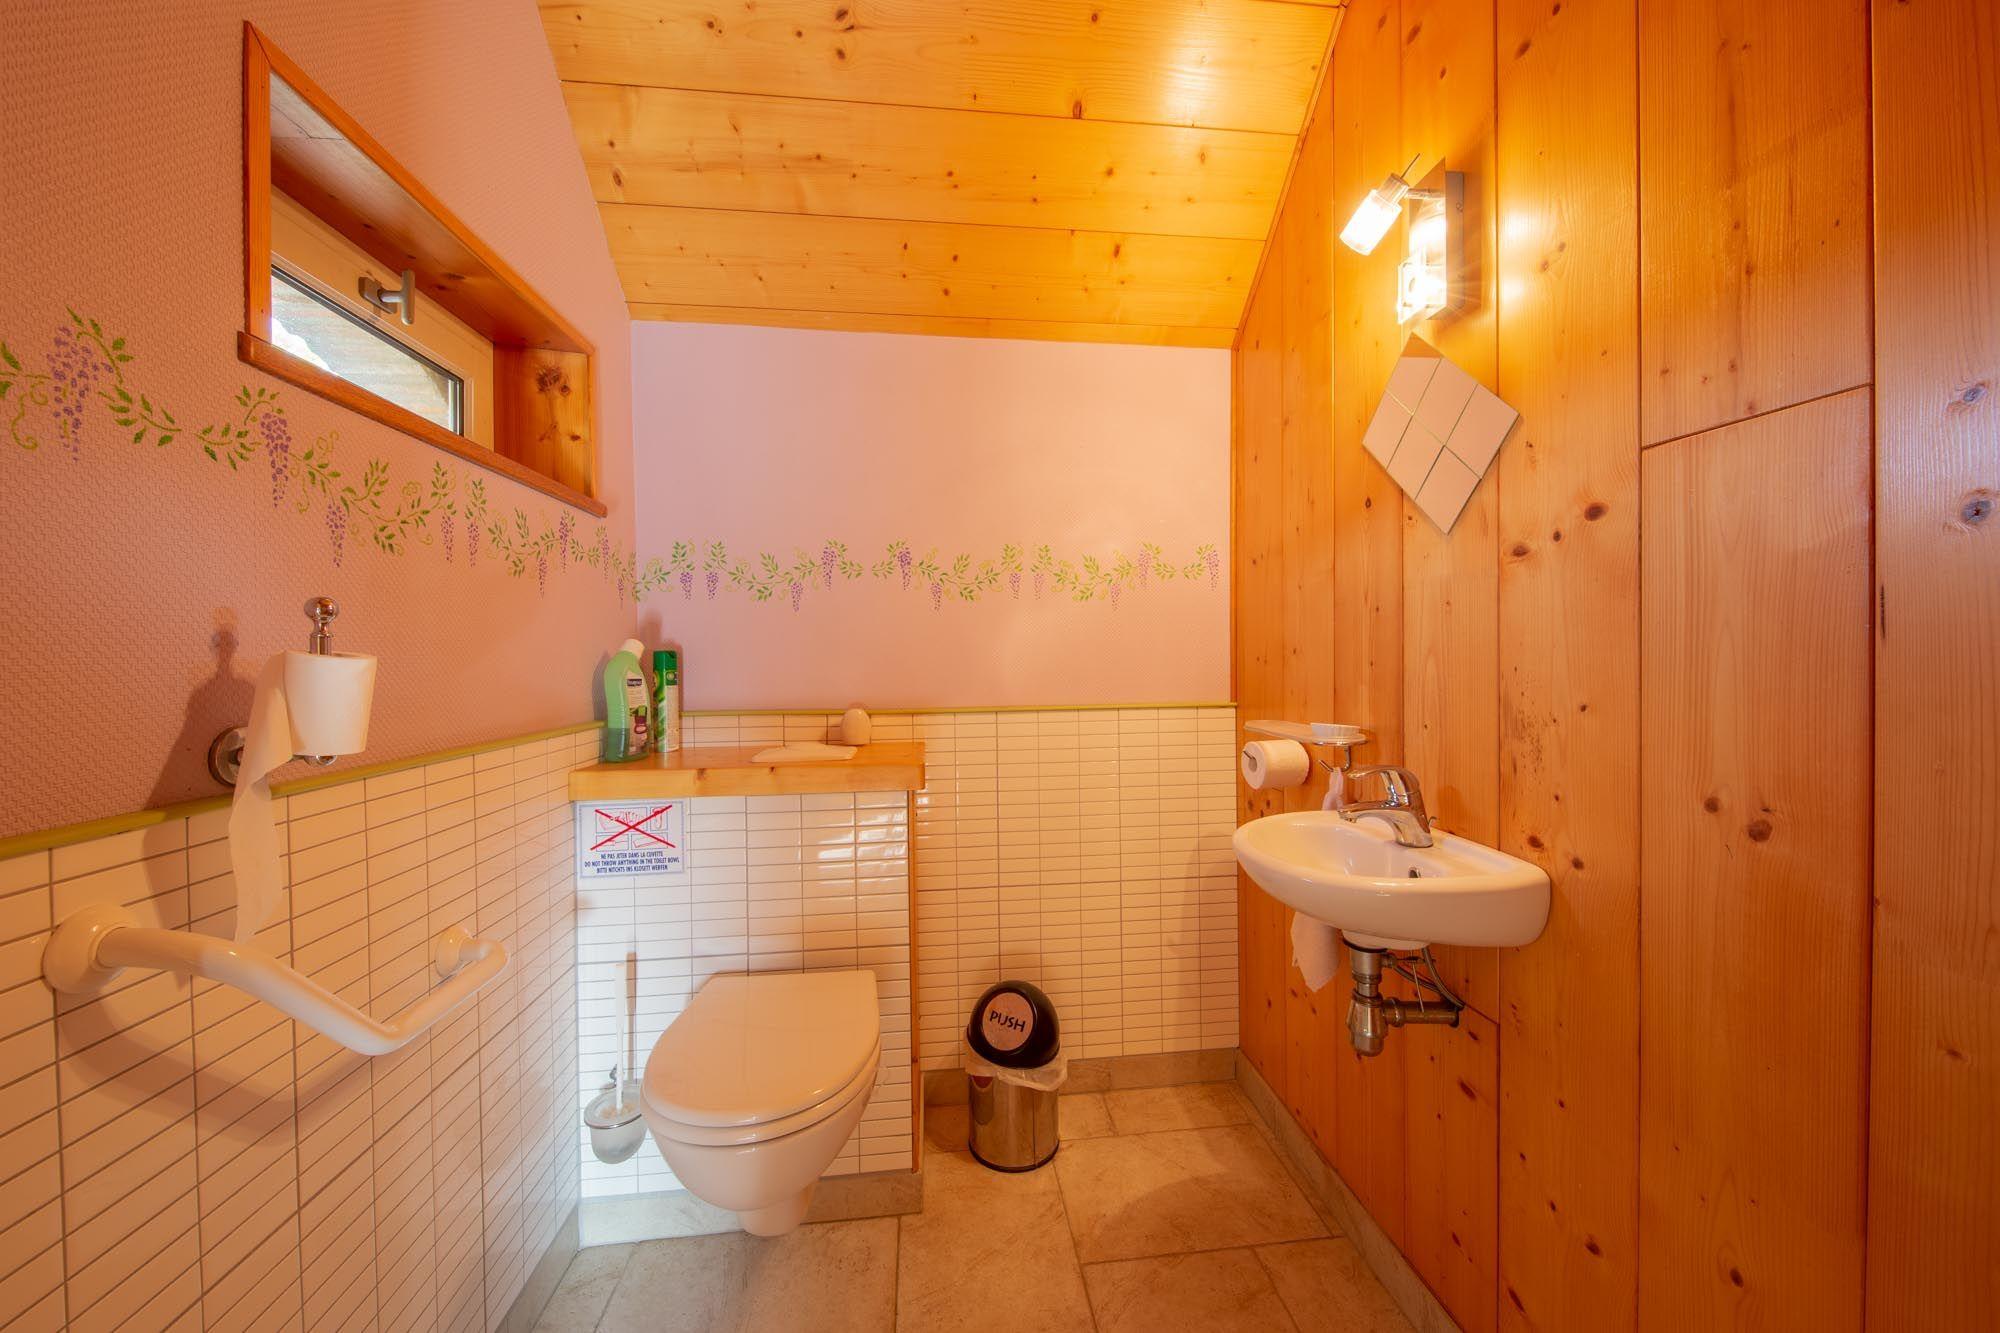 Le coin WC indépendants et spacieux permettant aux personnes à mobilité réduite d'y accéder.